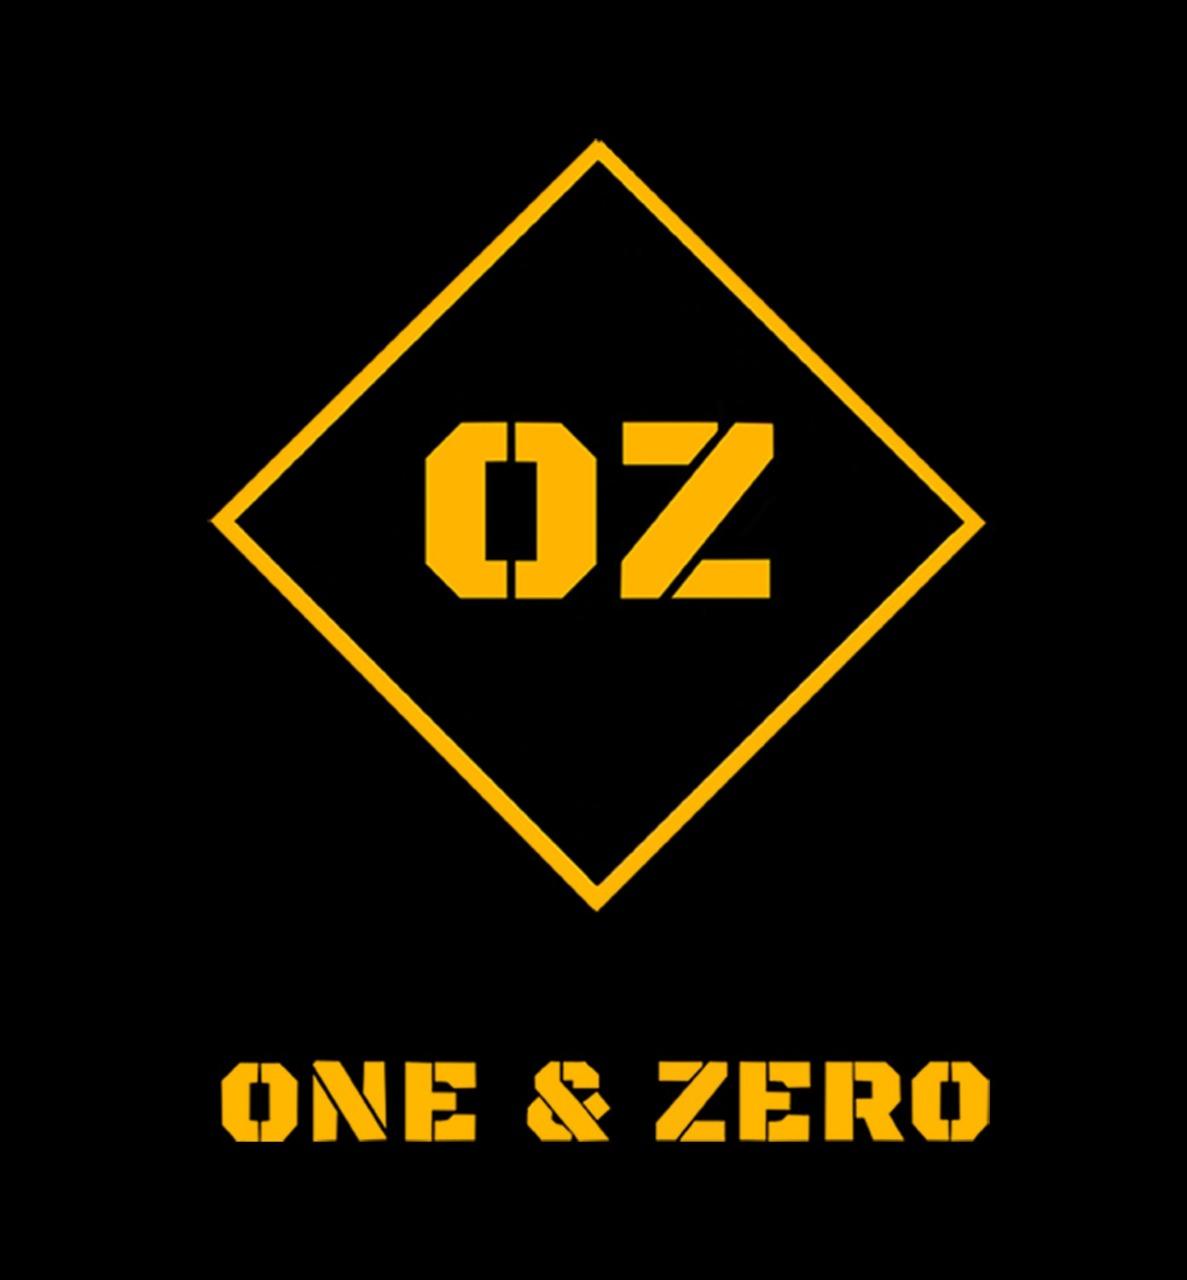 One & Zero Digital Marketing Agency